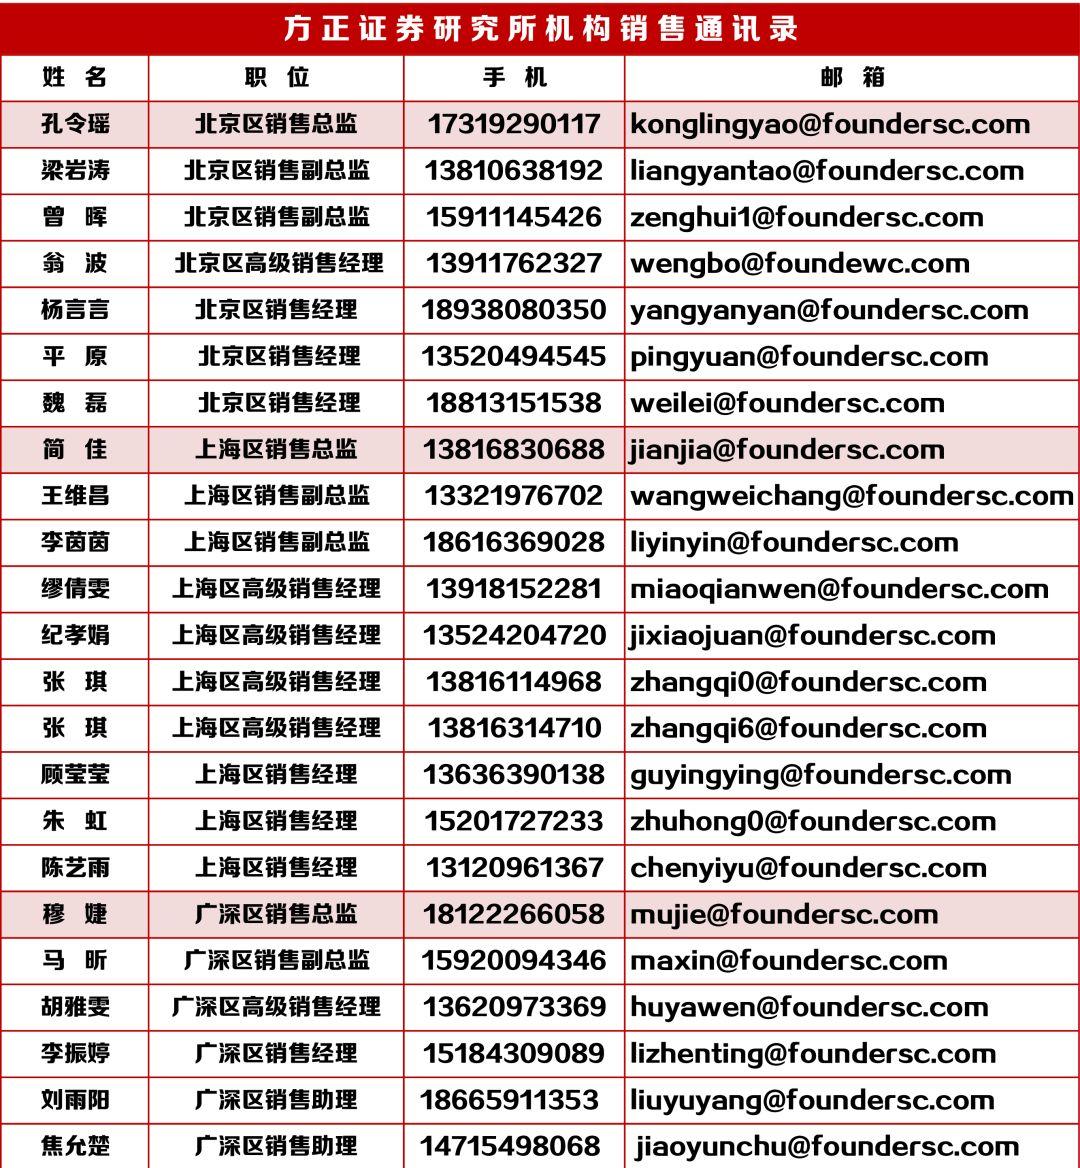 http://www.zgmaimai.cn/huagongkuangchan/125810.html